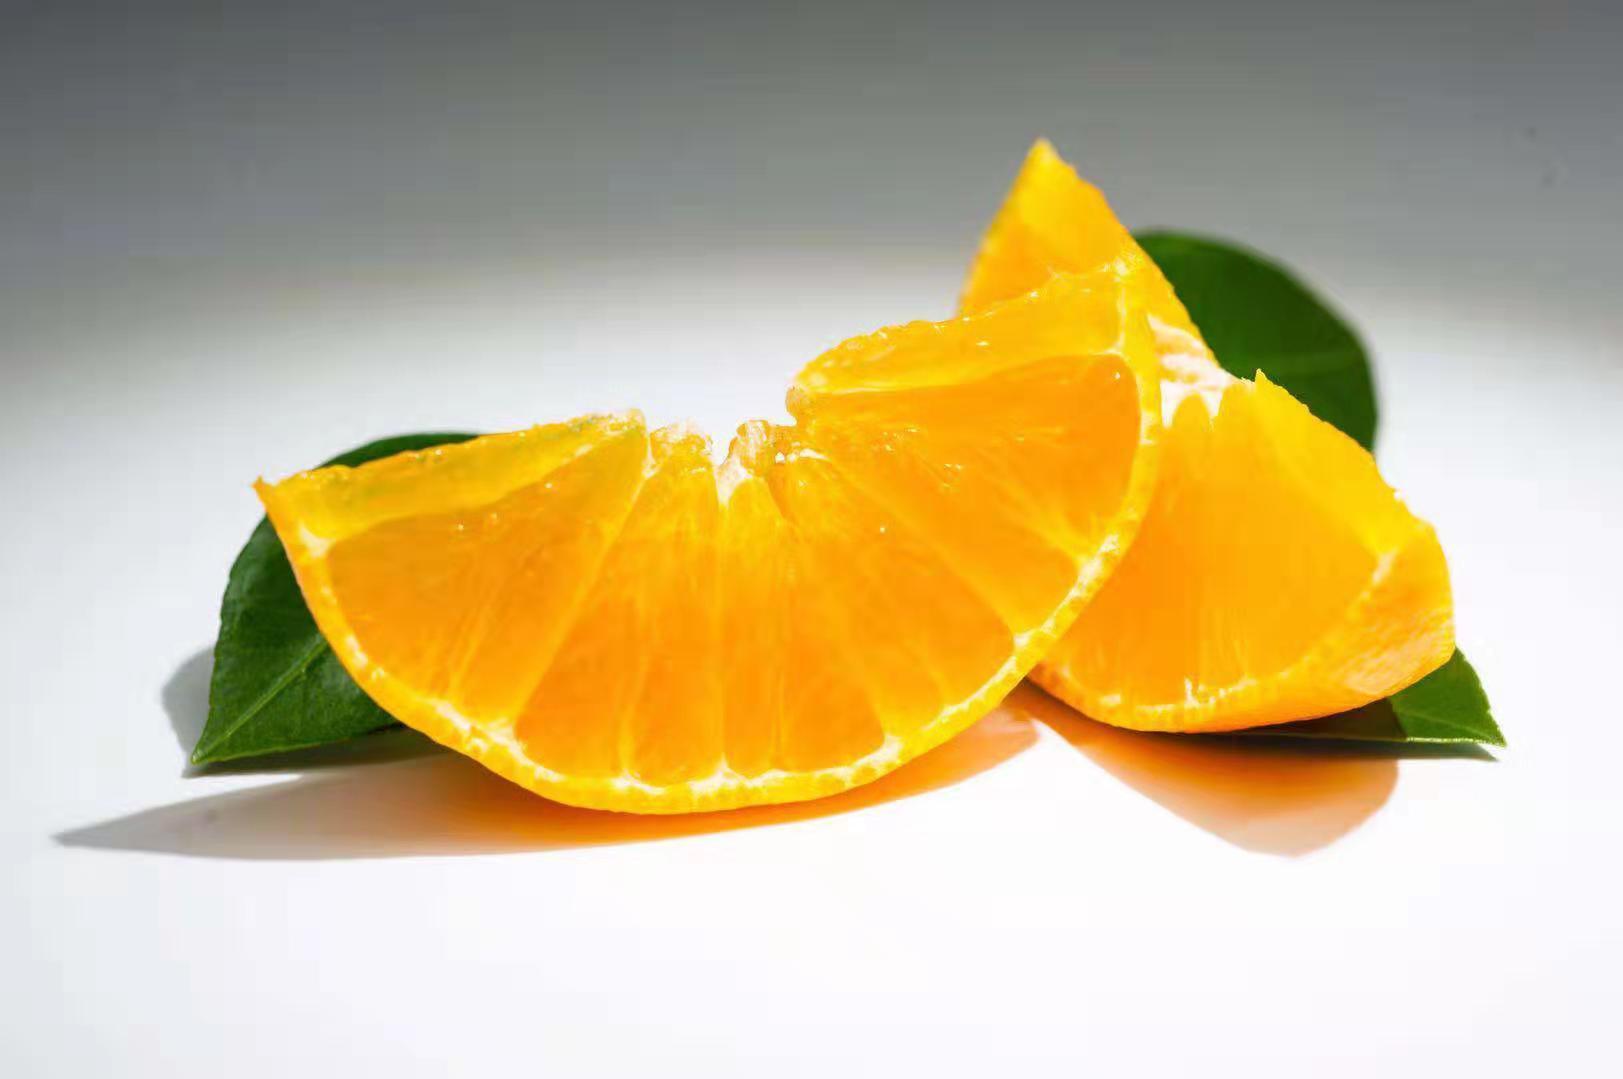 余姚柑橘歡迎咨詢 來電咨詢「象山文祥家庭農場供應」